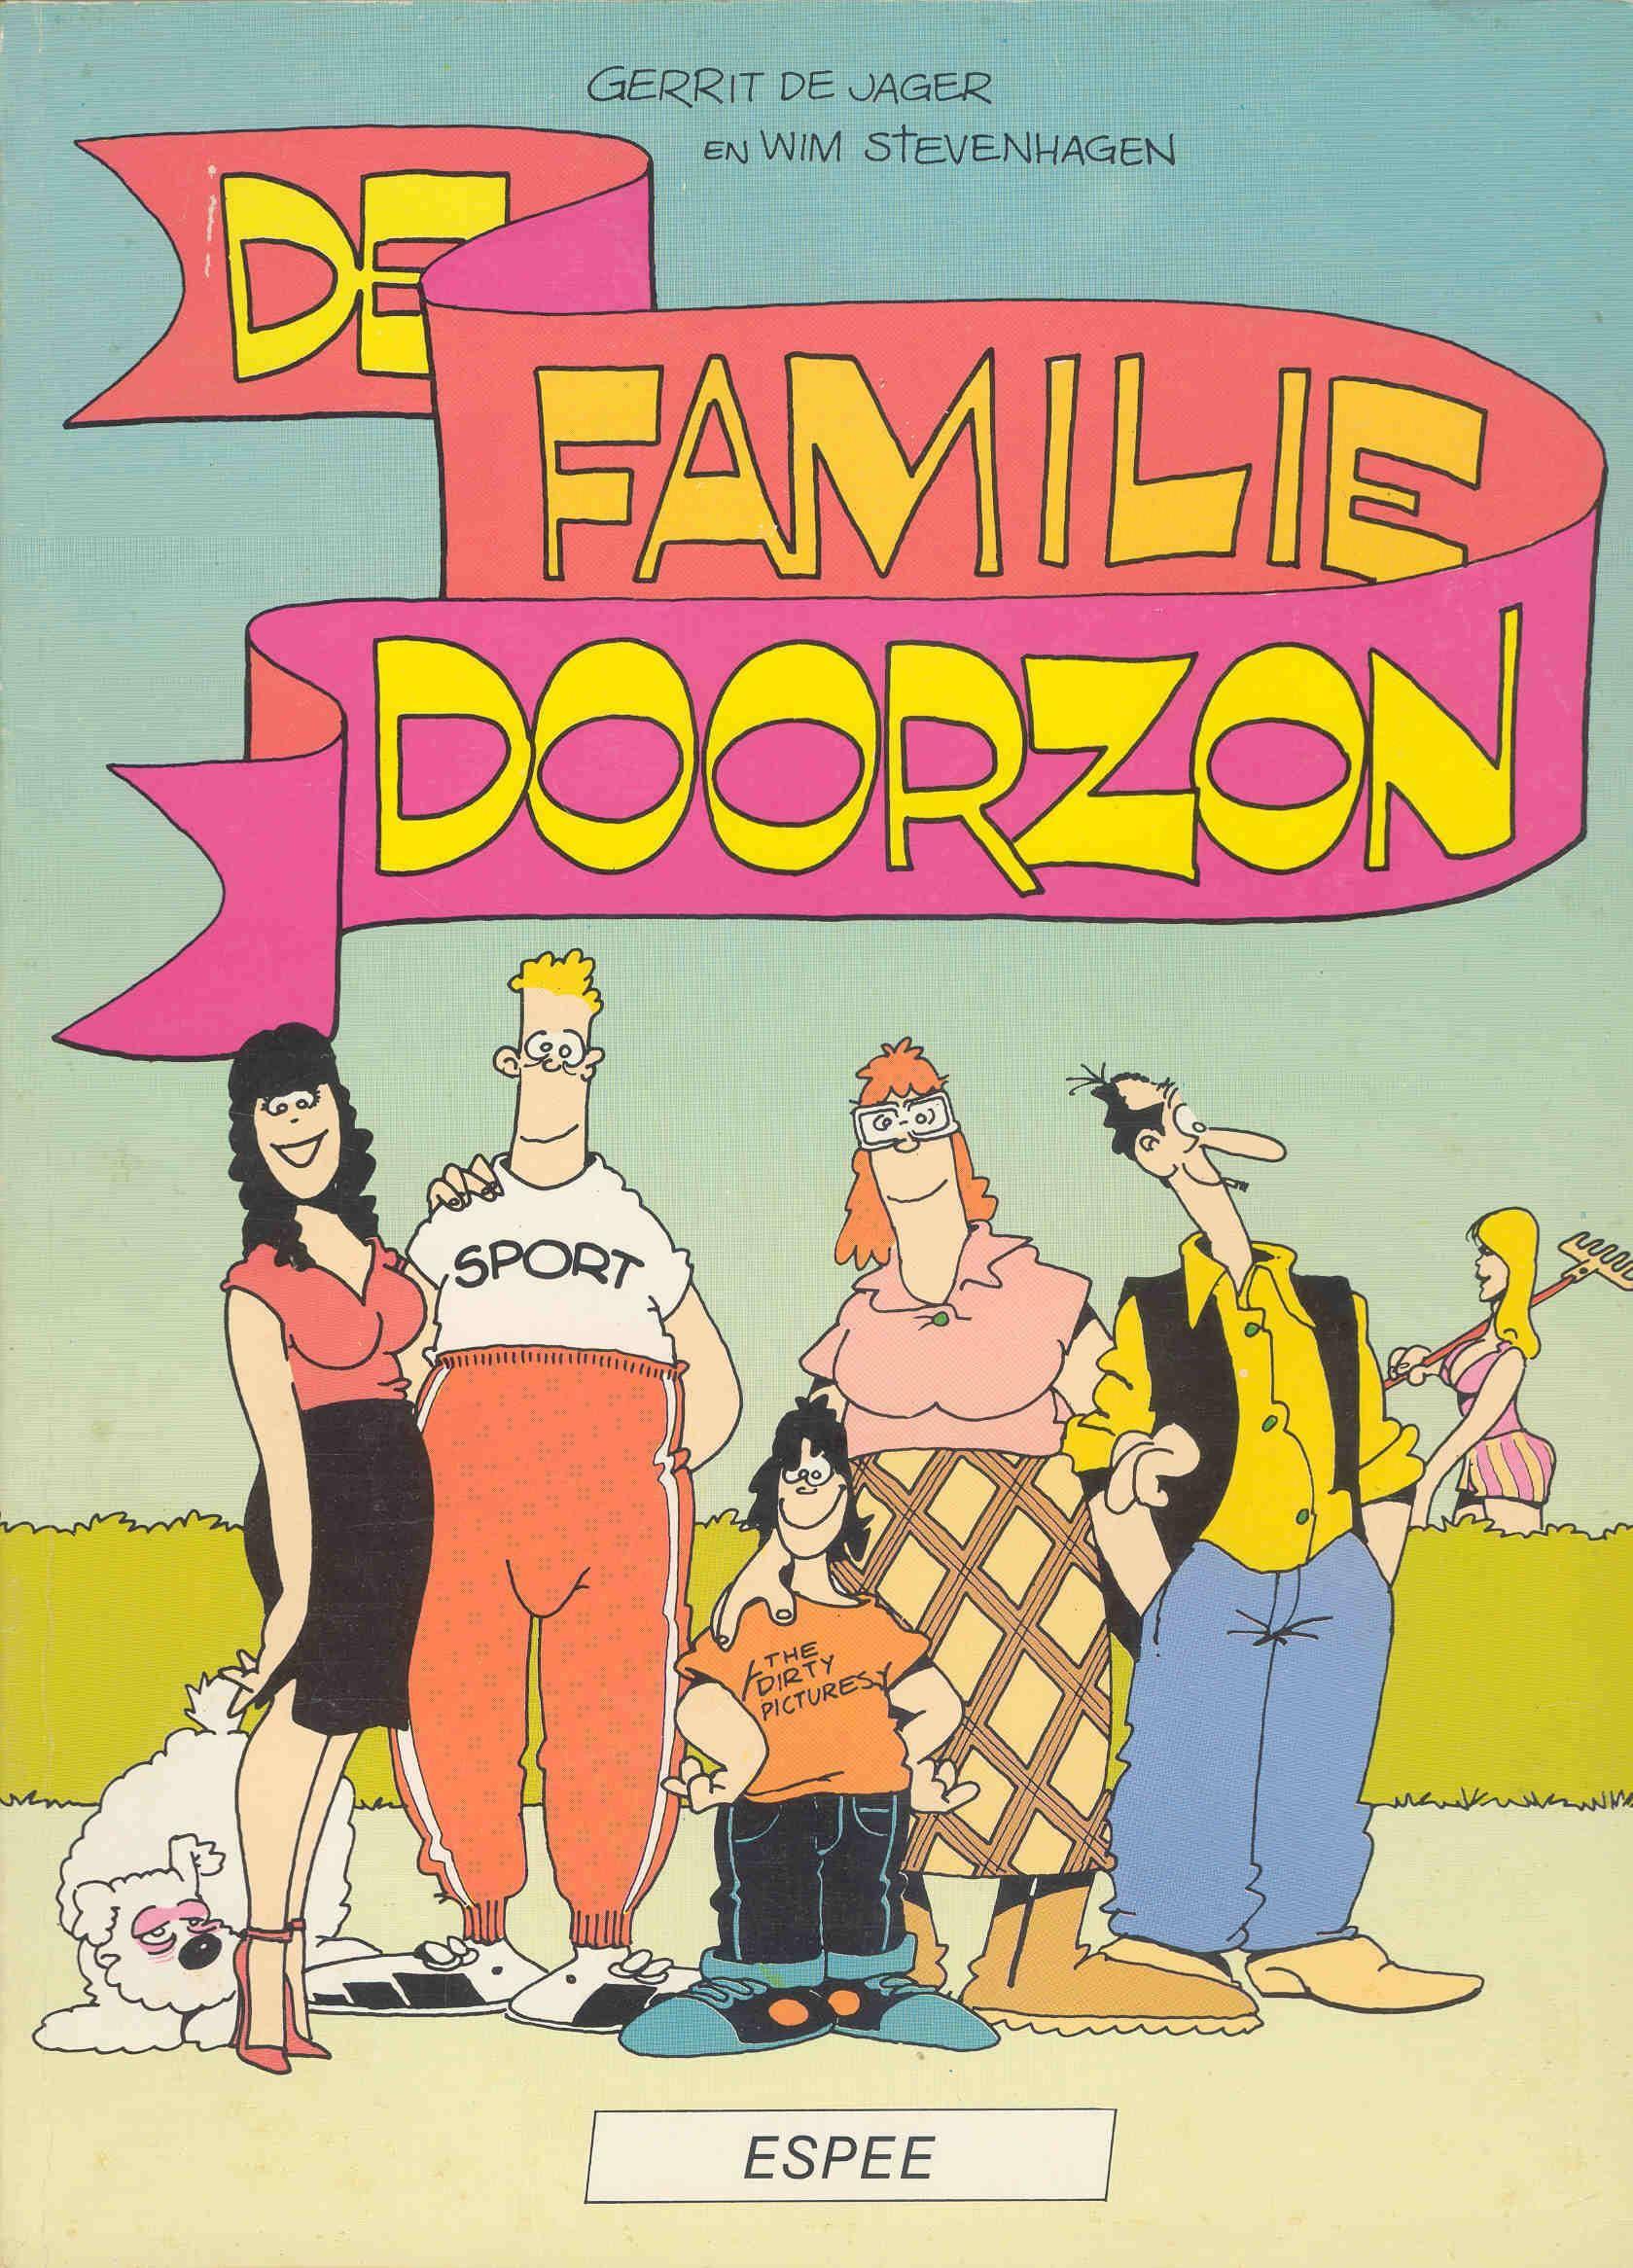 Familie Doorzon